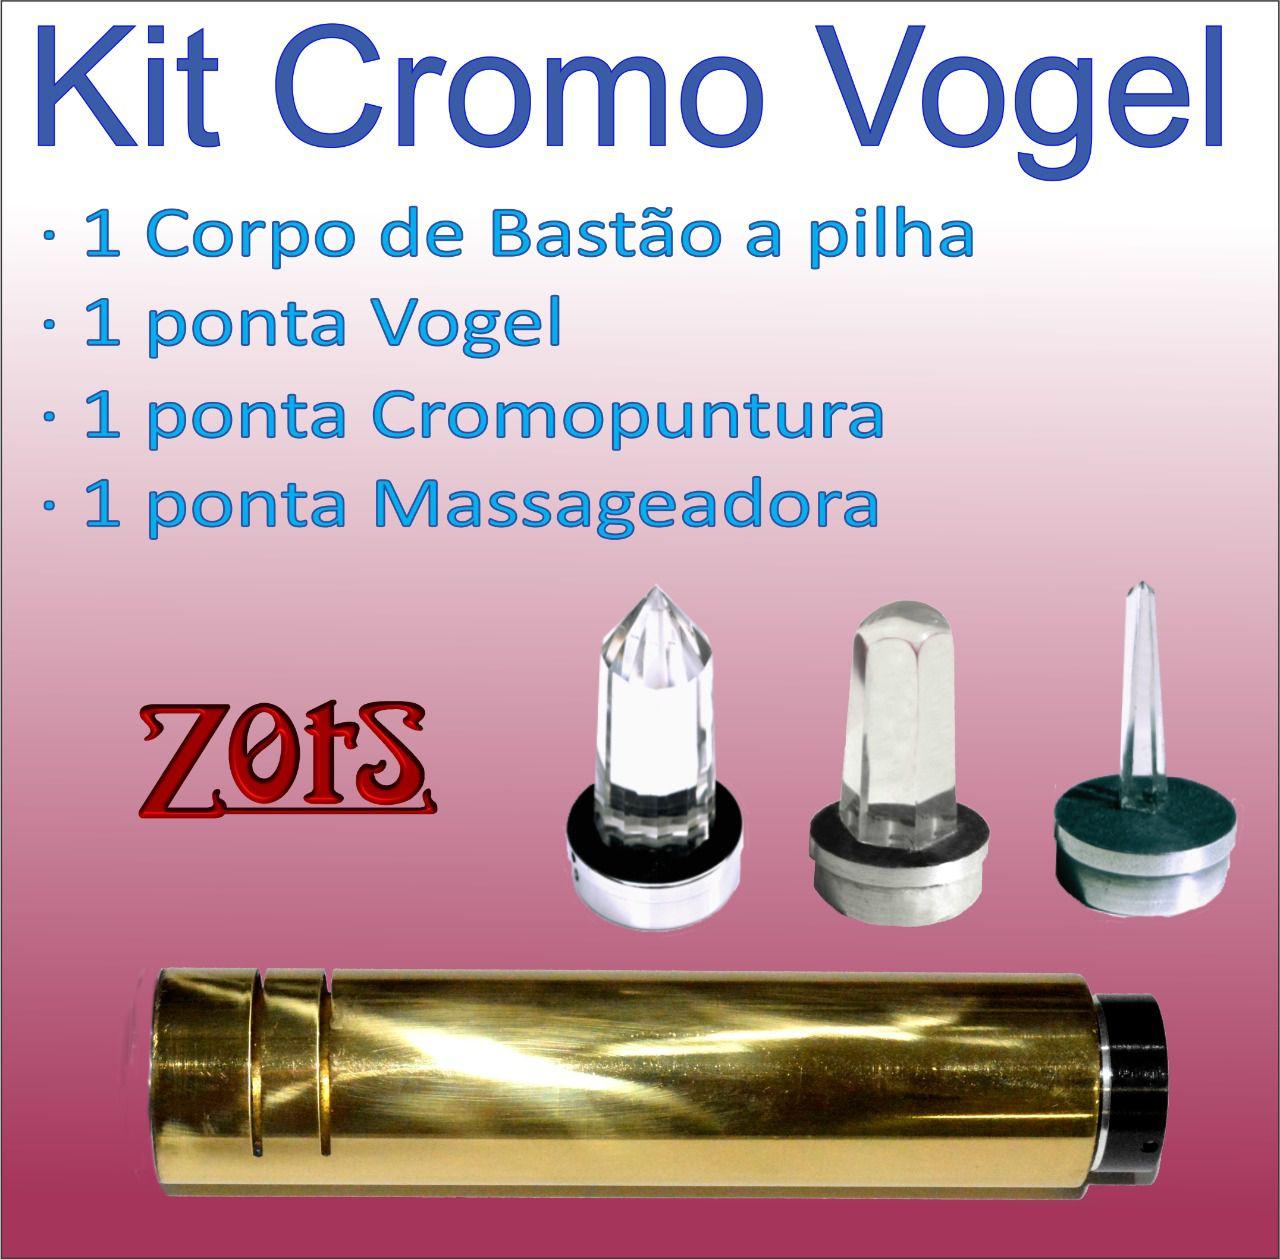 Kit Cromo Vogel